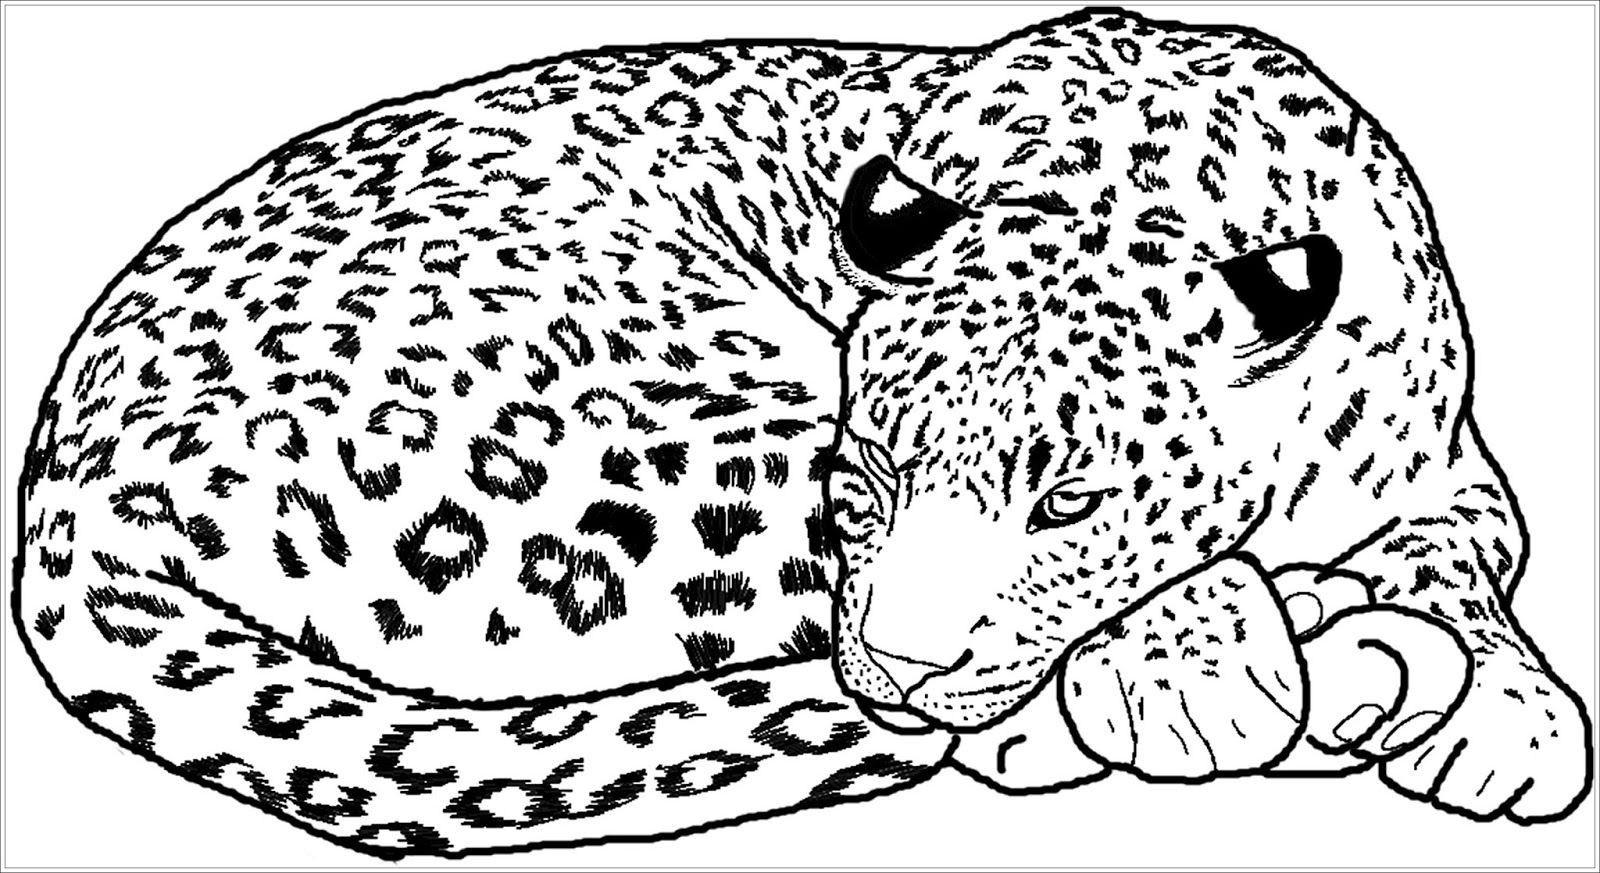 Raubkatzen Malvorlagen in 30  Malvorlagen, Ausmalbilder tiere